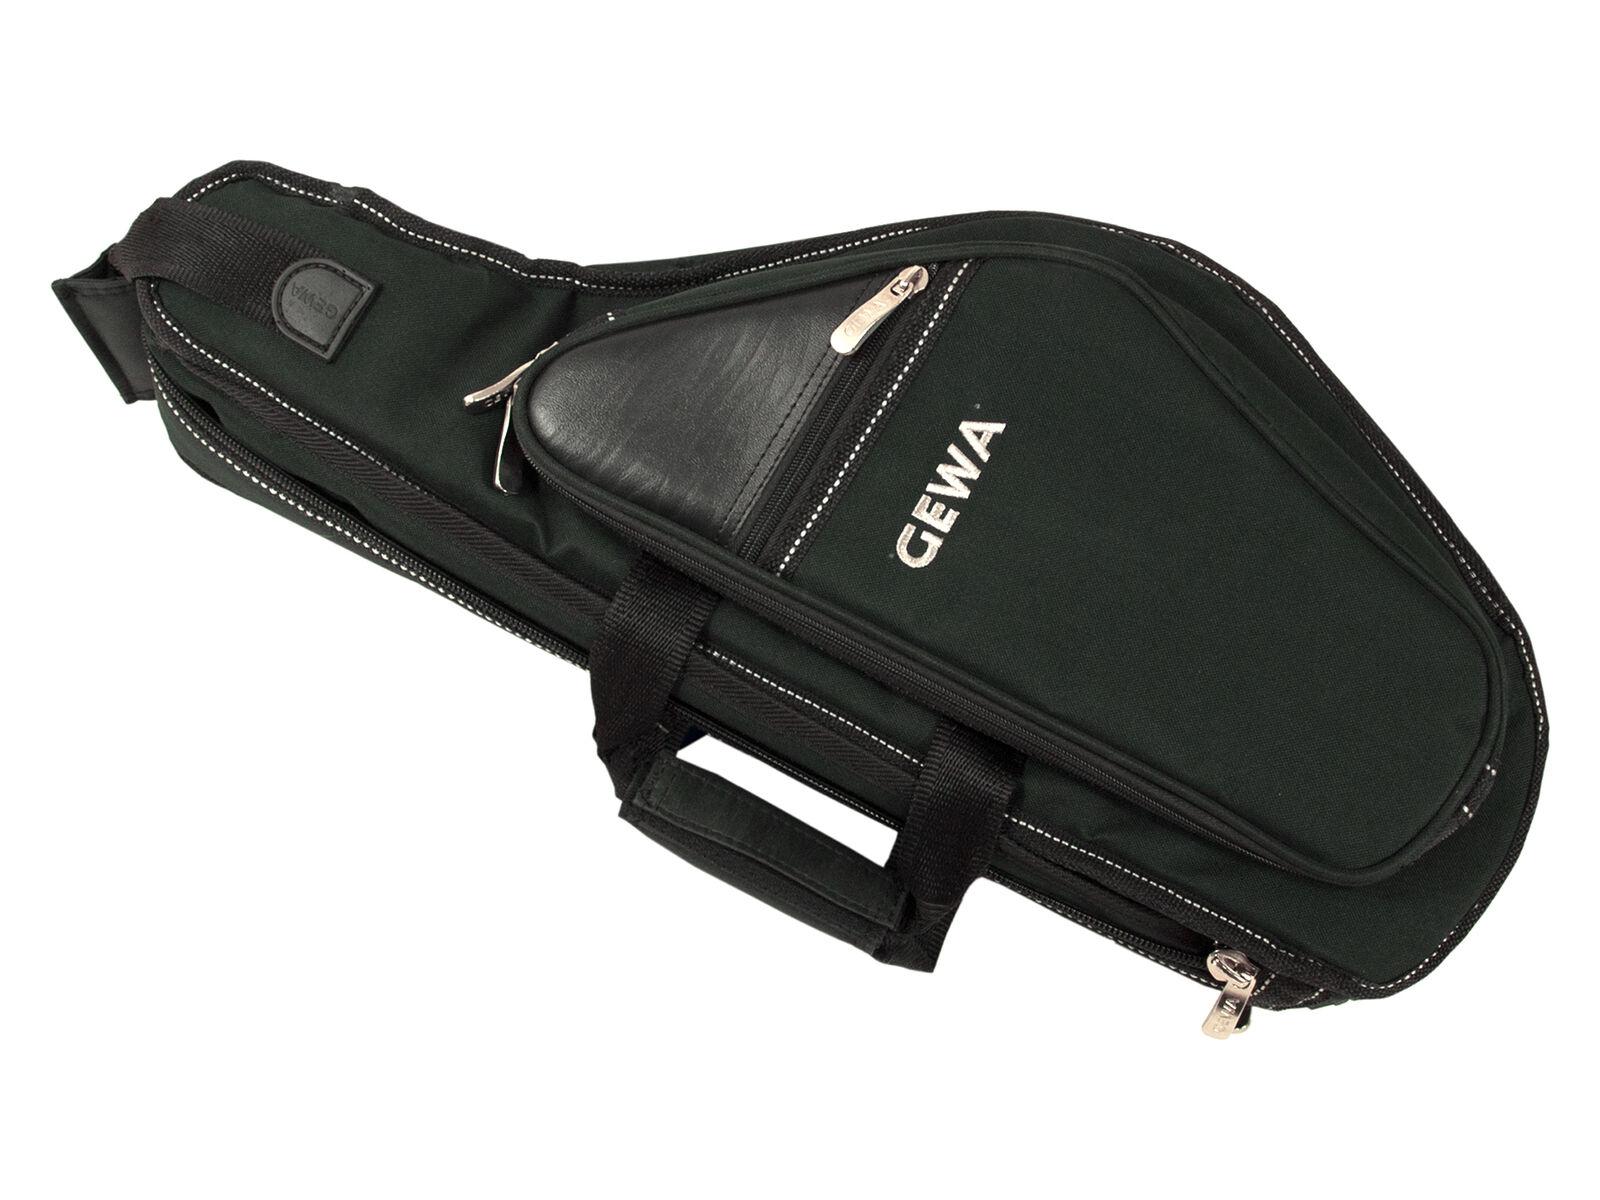 Gewa Prestige Altsaxophon - Gig Bag